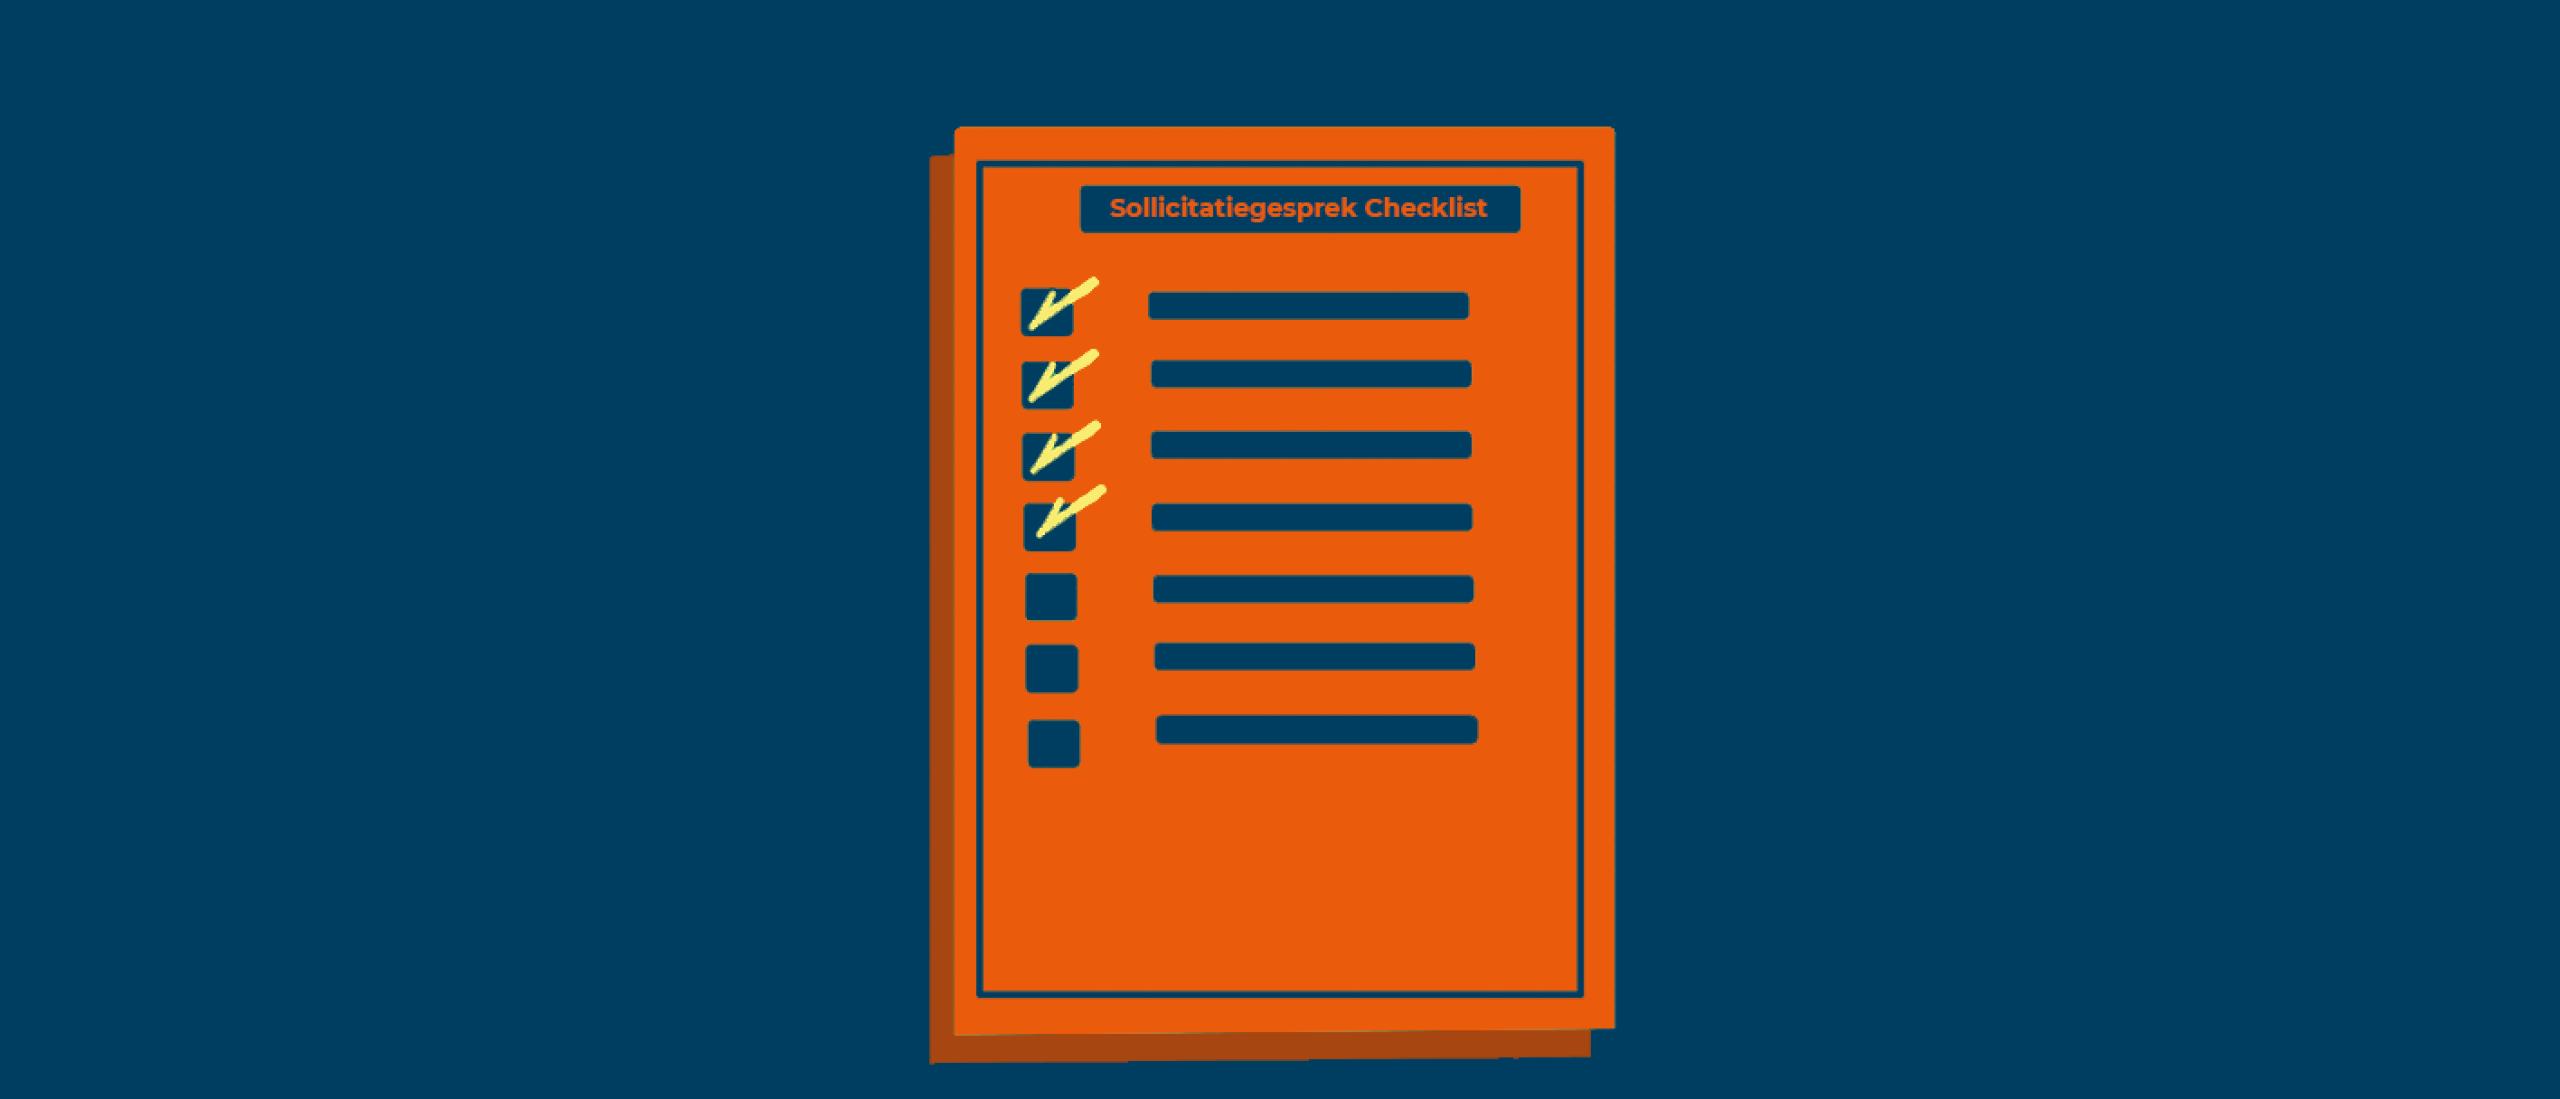 Checklist sollicitatiegesprek voor werkgevers; waar moet je op letten?